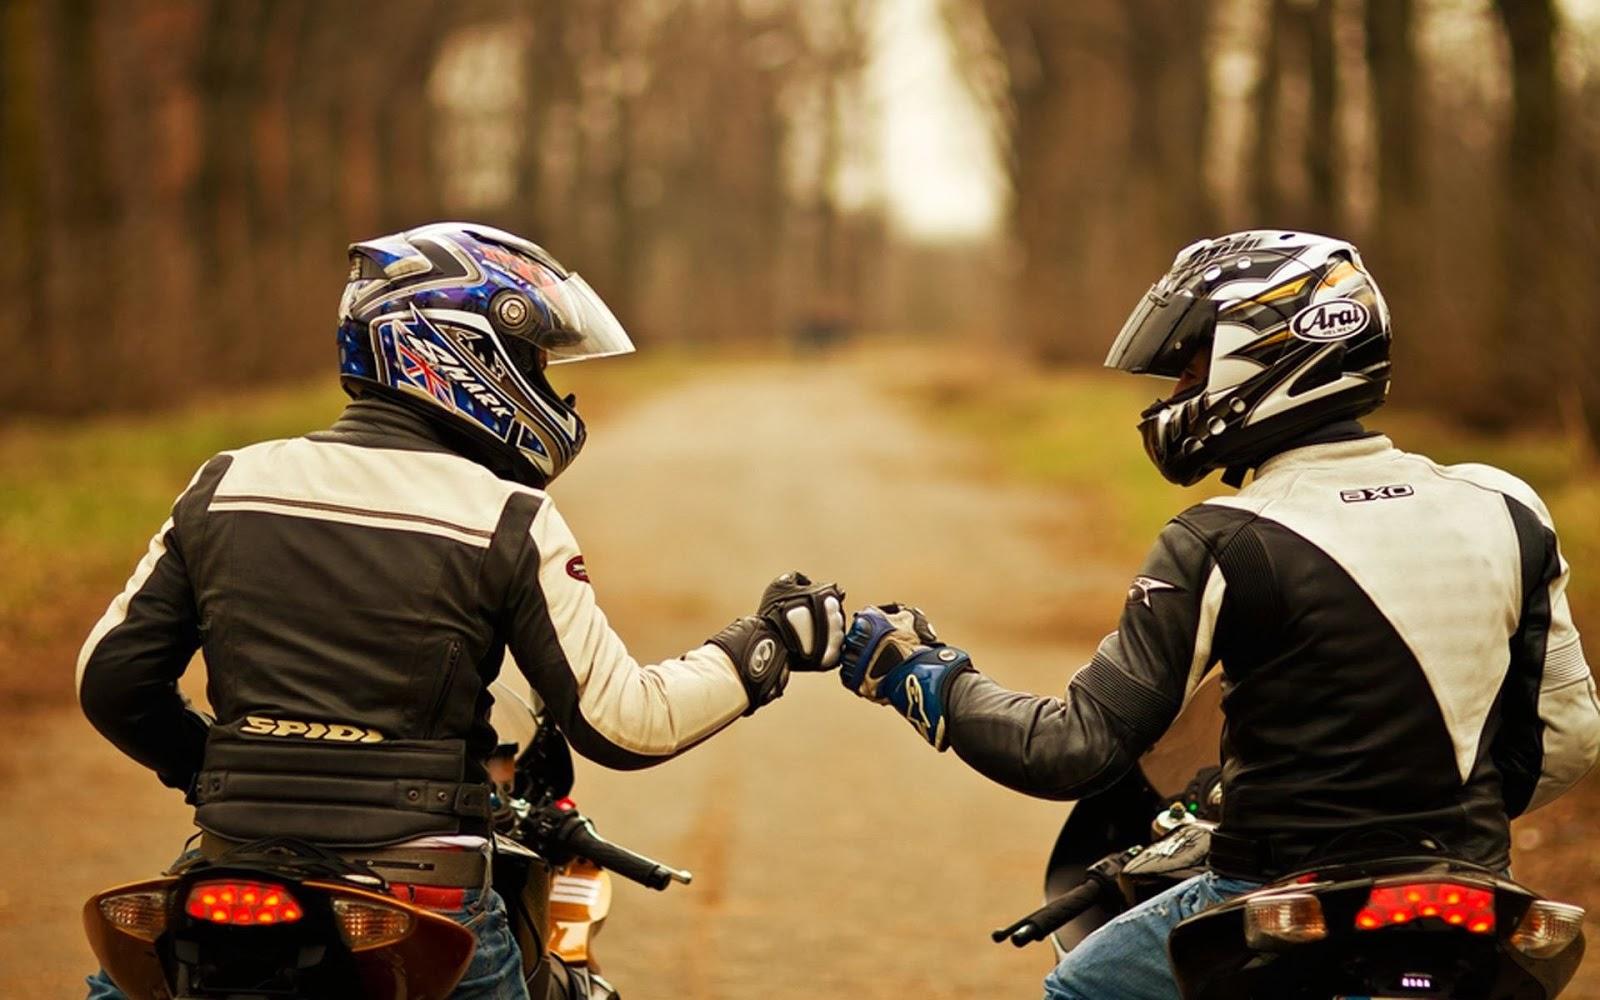 Rencontre entre bikers